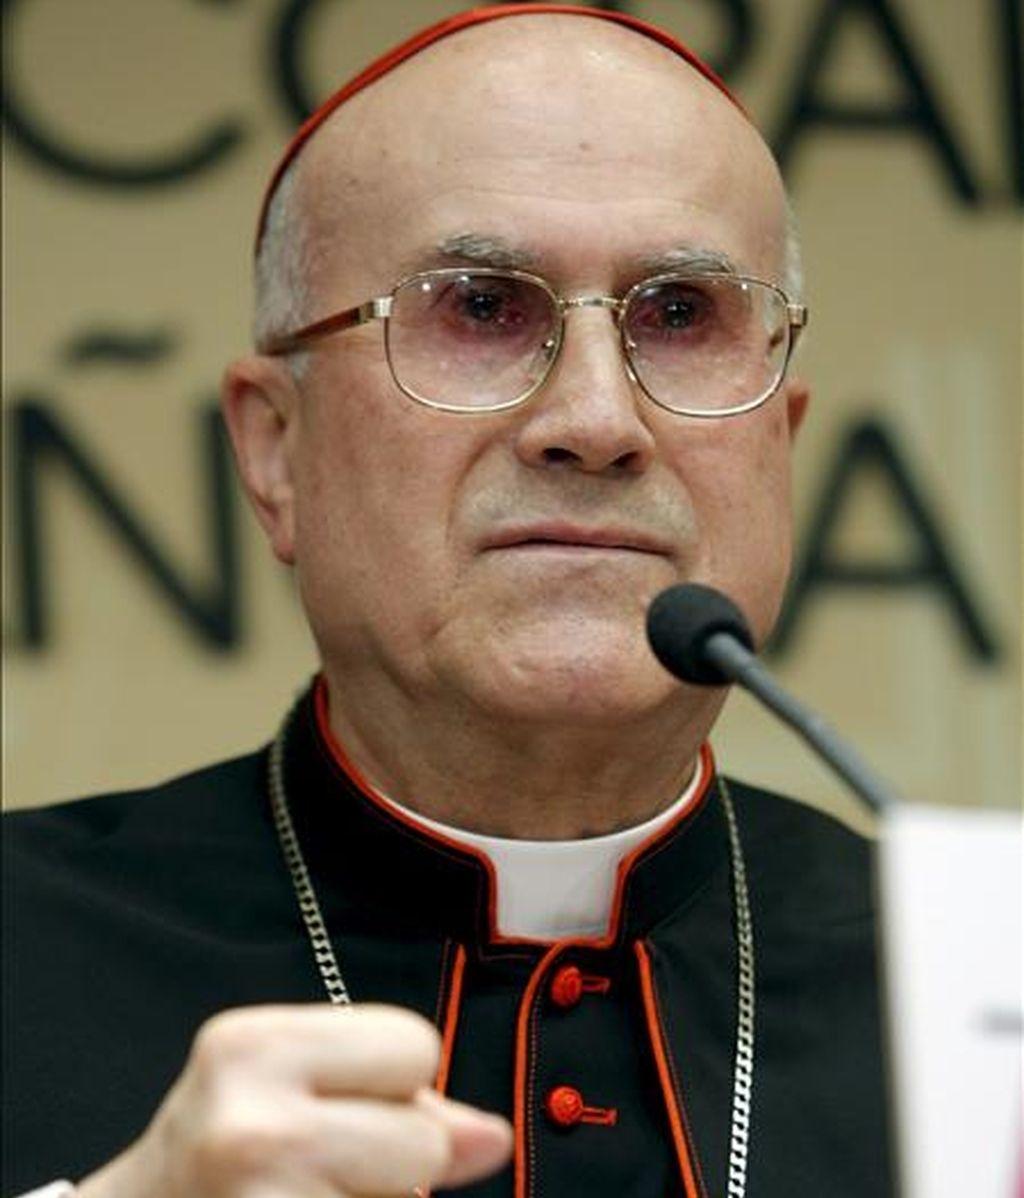 El secretario de Estado del Vaticano, el cardenal Tarcisio Bertone, insistió además en que la Iglesia Católica nunca ha ordenado ocultar los casos de abusos o frenar las investigaciones. EFE/Archivo